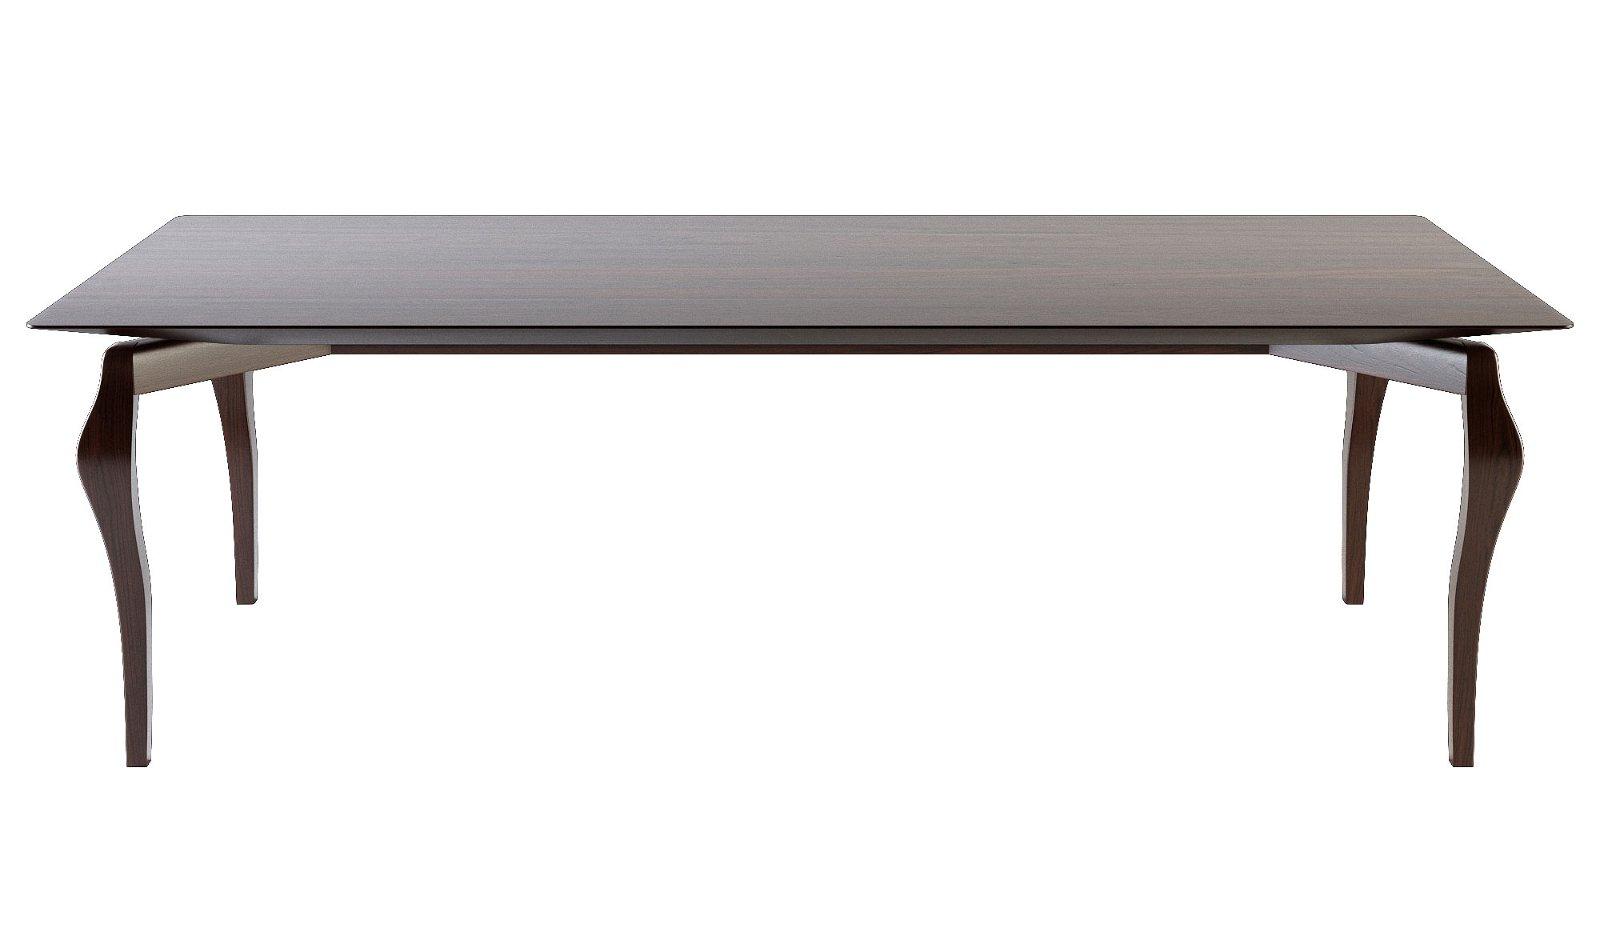 Mesa de comedor madera moderna Stileto